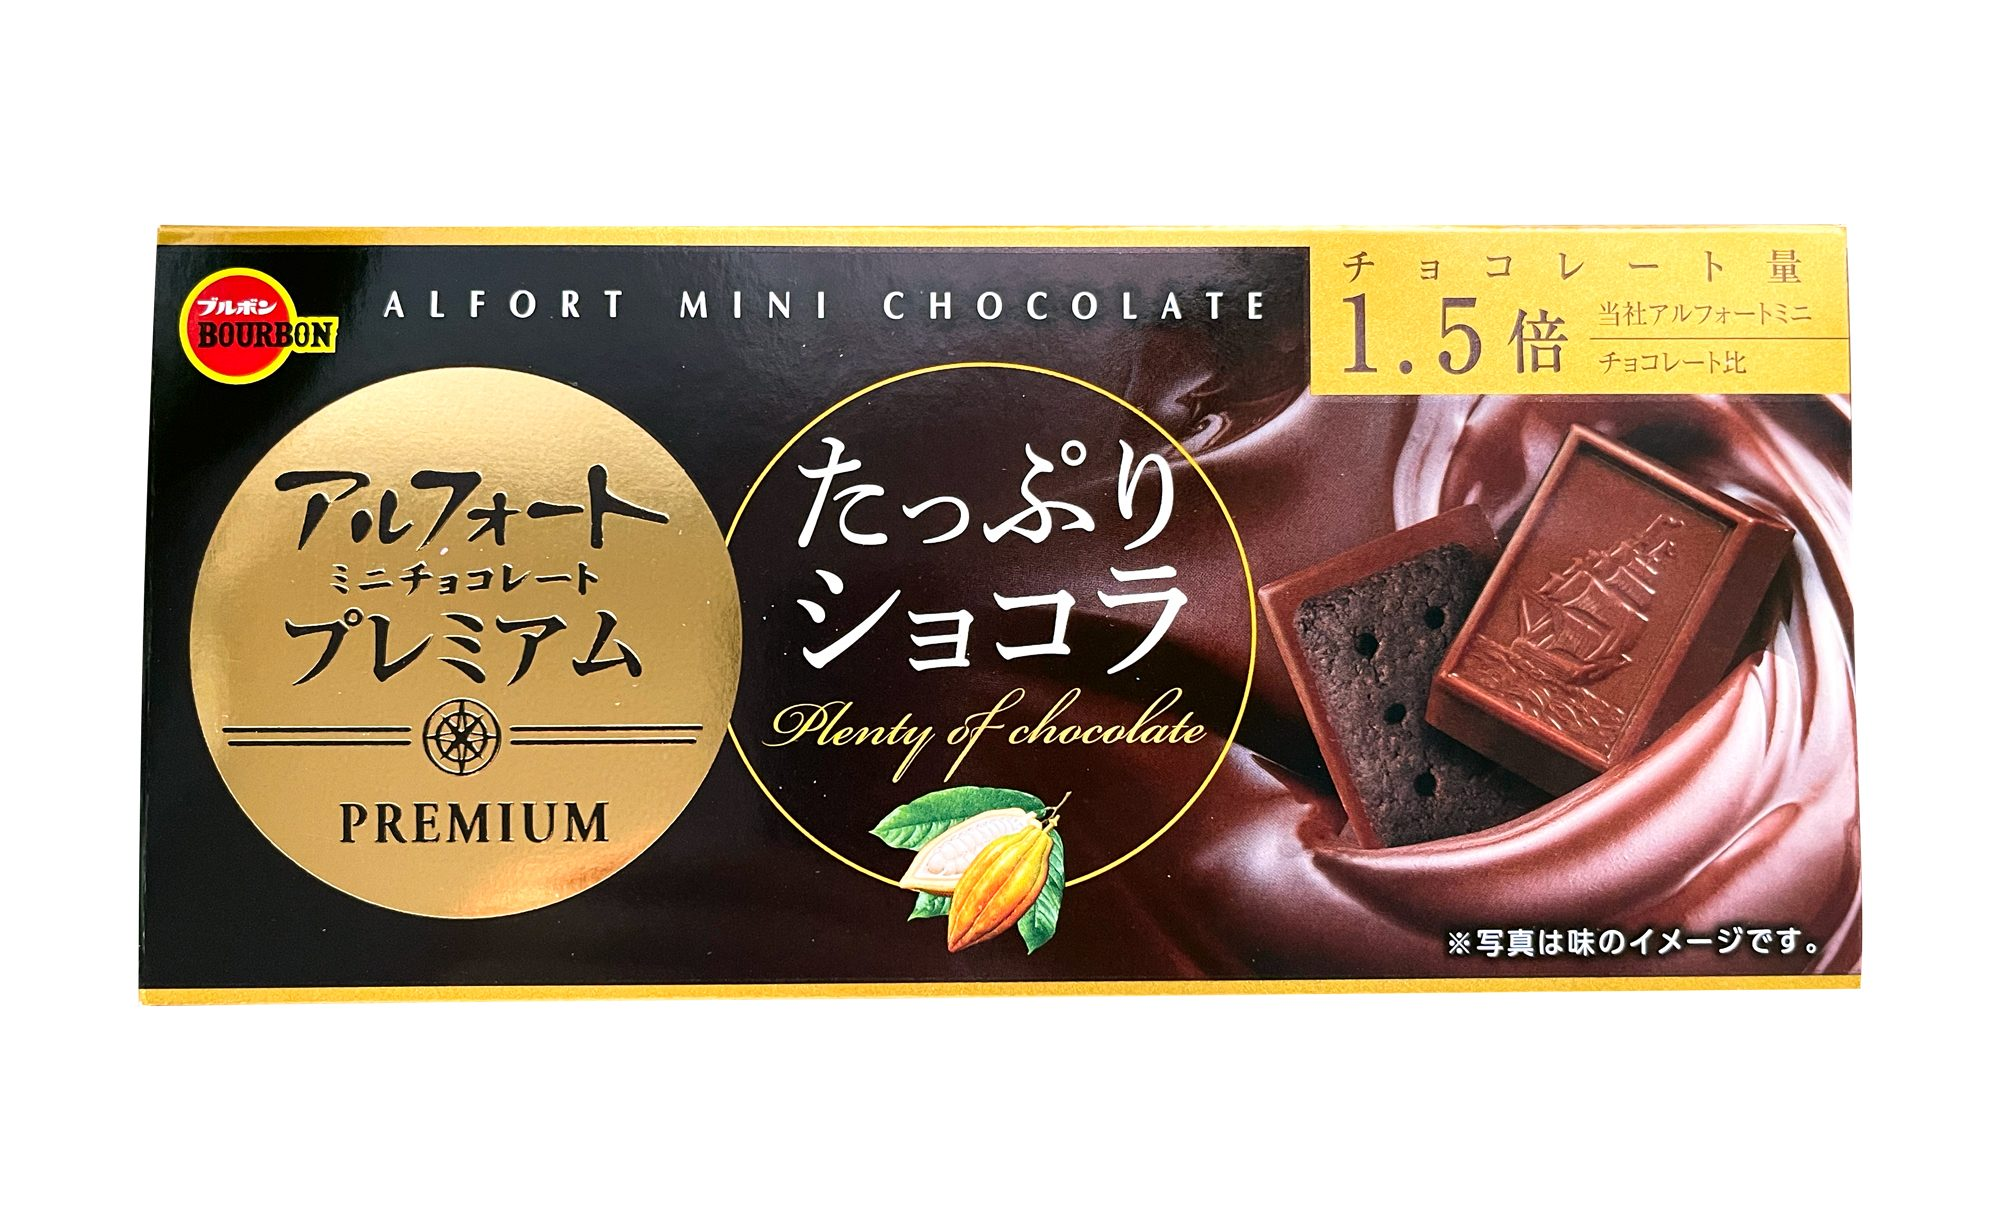 ブルボン『アルフォートミニチョコレートプレミアムたっぷりショコラ』はカカオの風味のバランス◎でなめらか濃厚な贅沢系チョコレート!